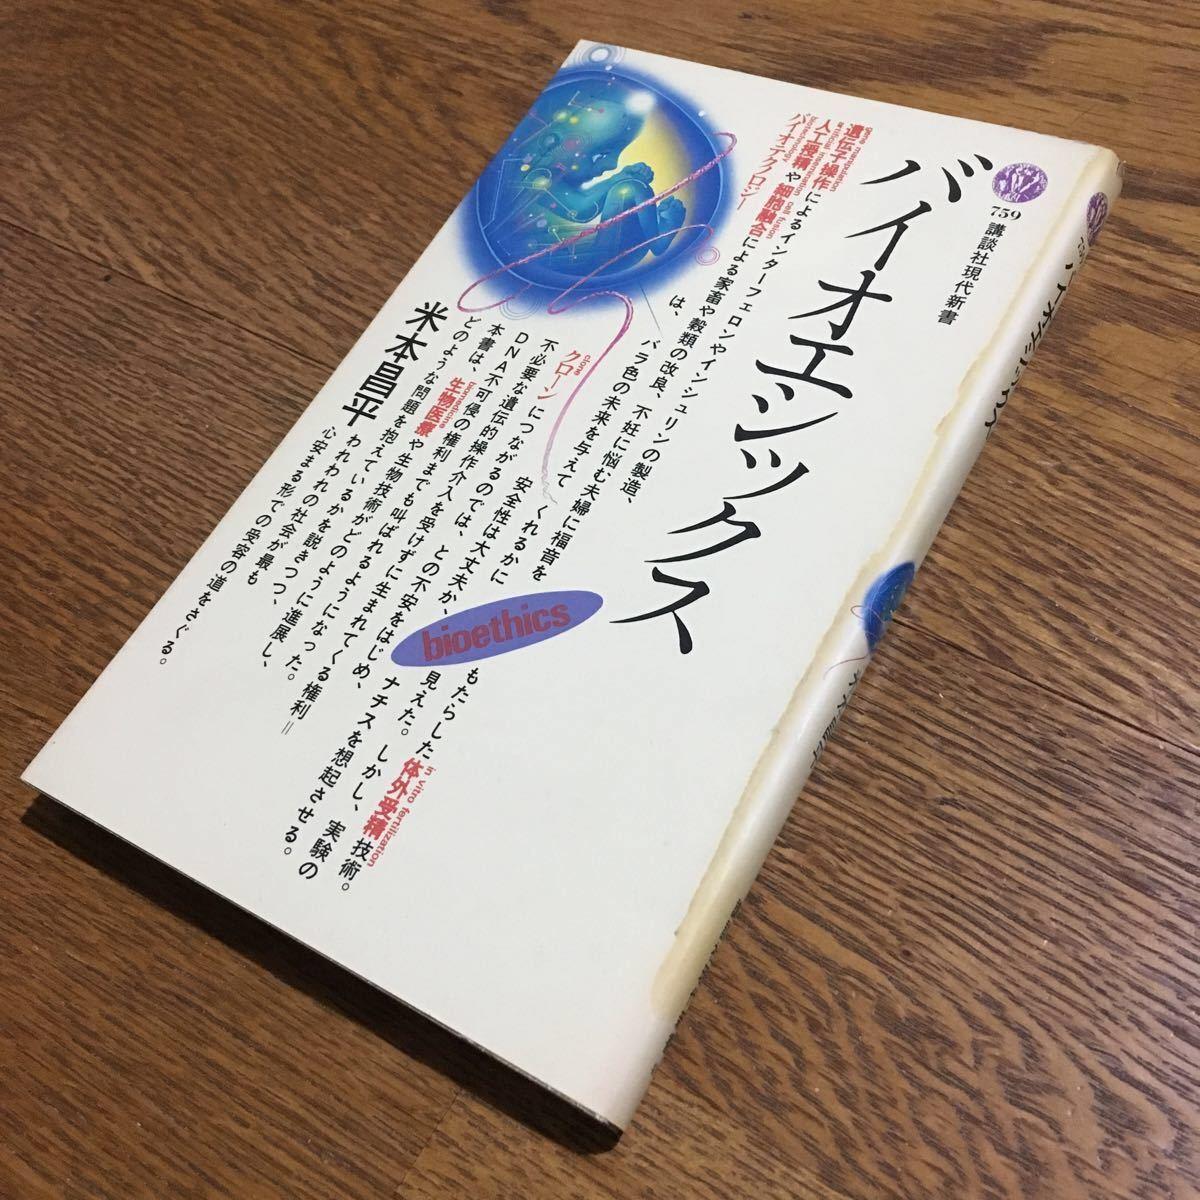 米本昌平☆講談社現代新書 バイオエシックス (第1刷)☆講談社_画像1